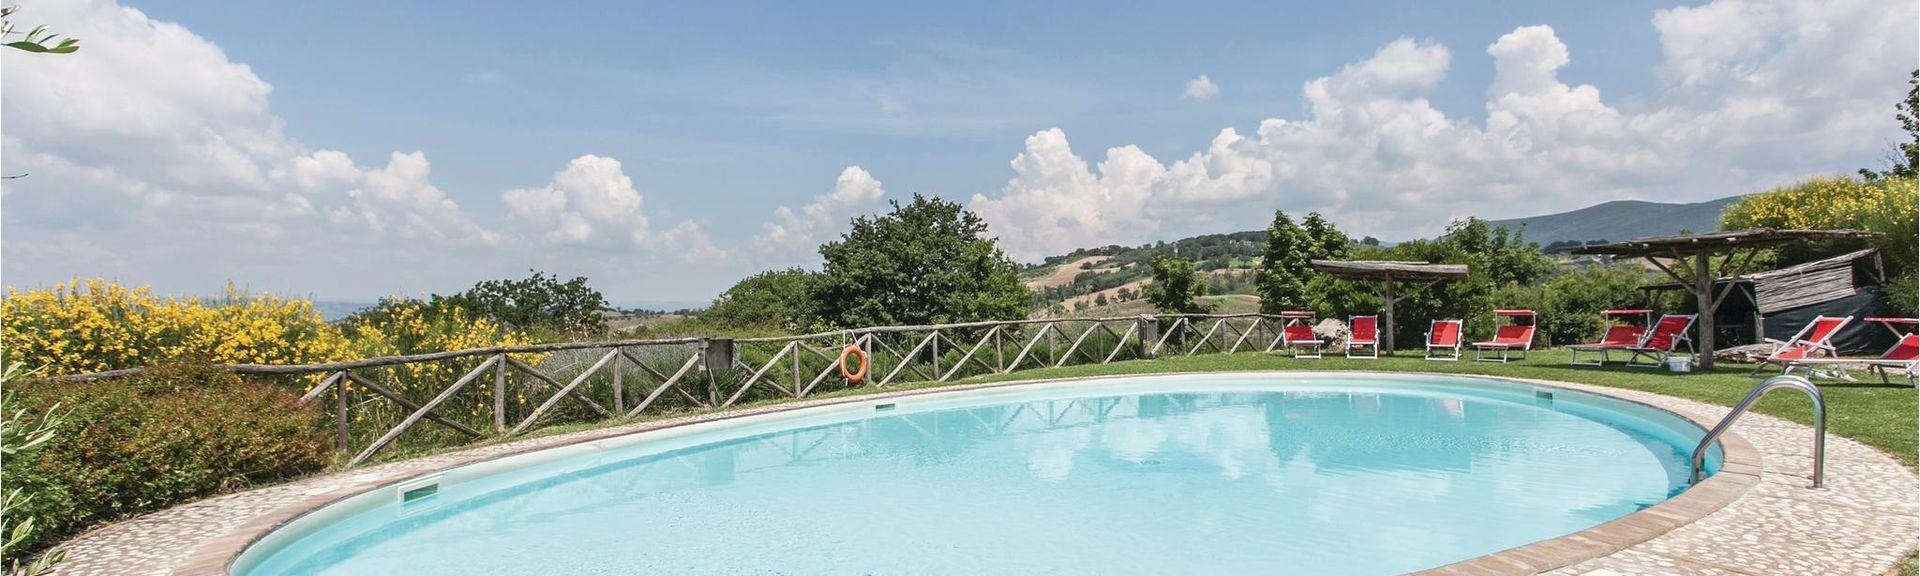 Civitella D'agliano, Viterbo, Lazio, Italy